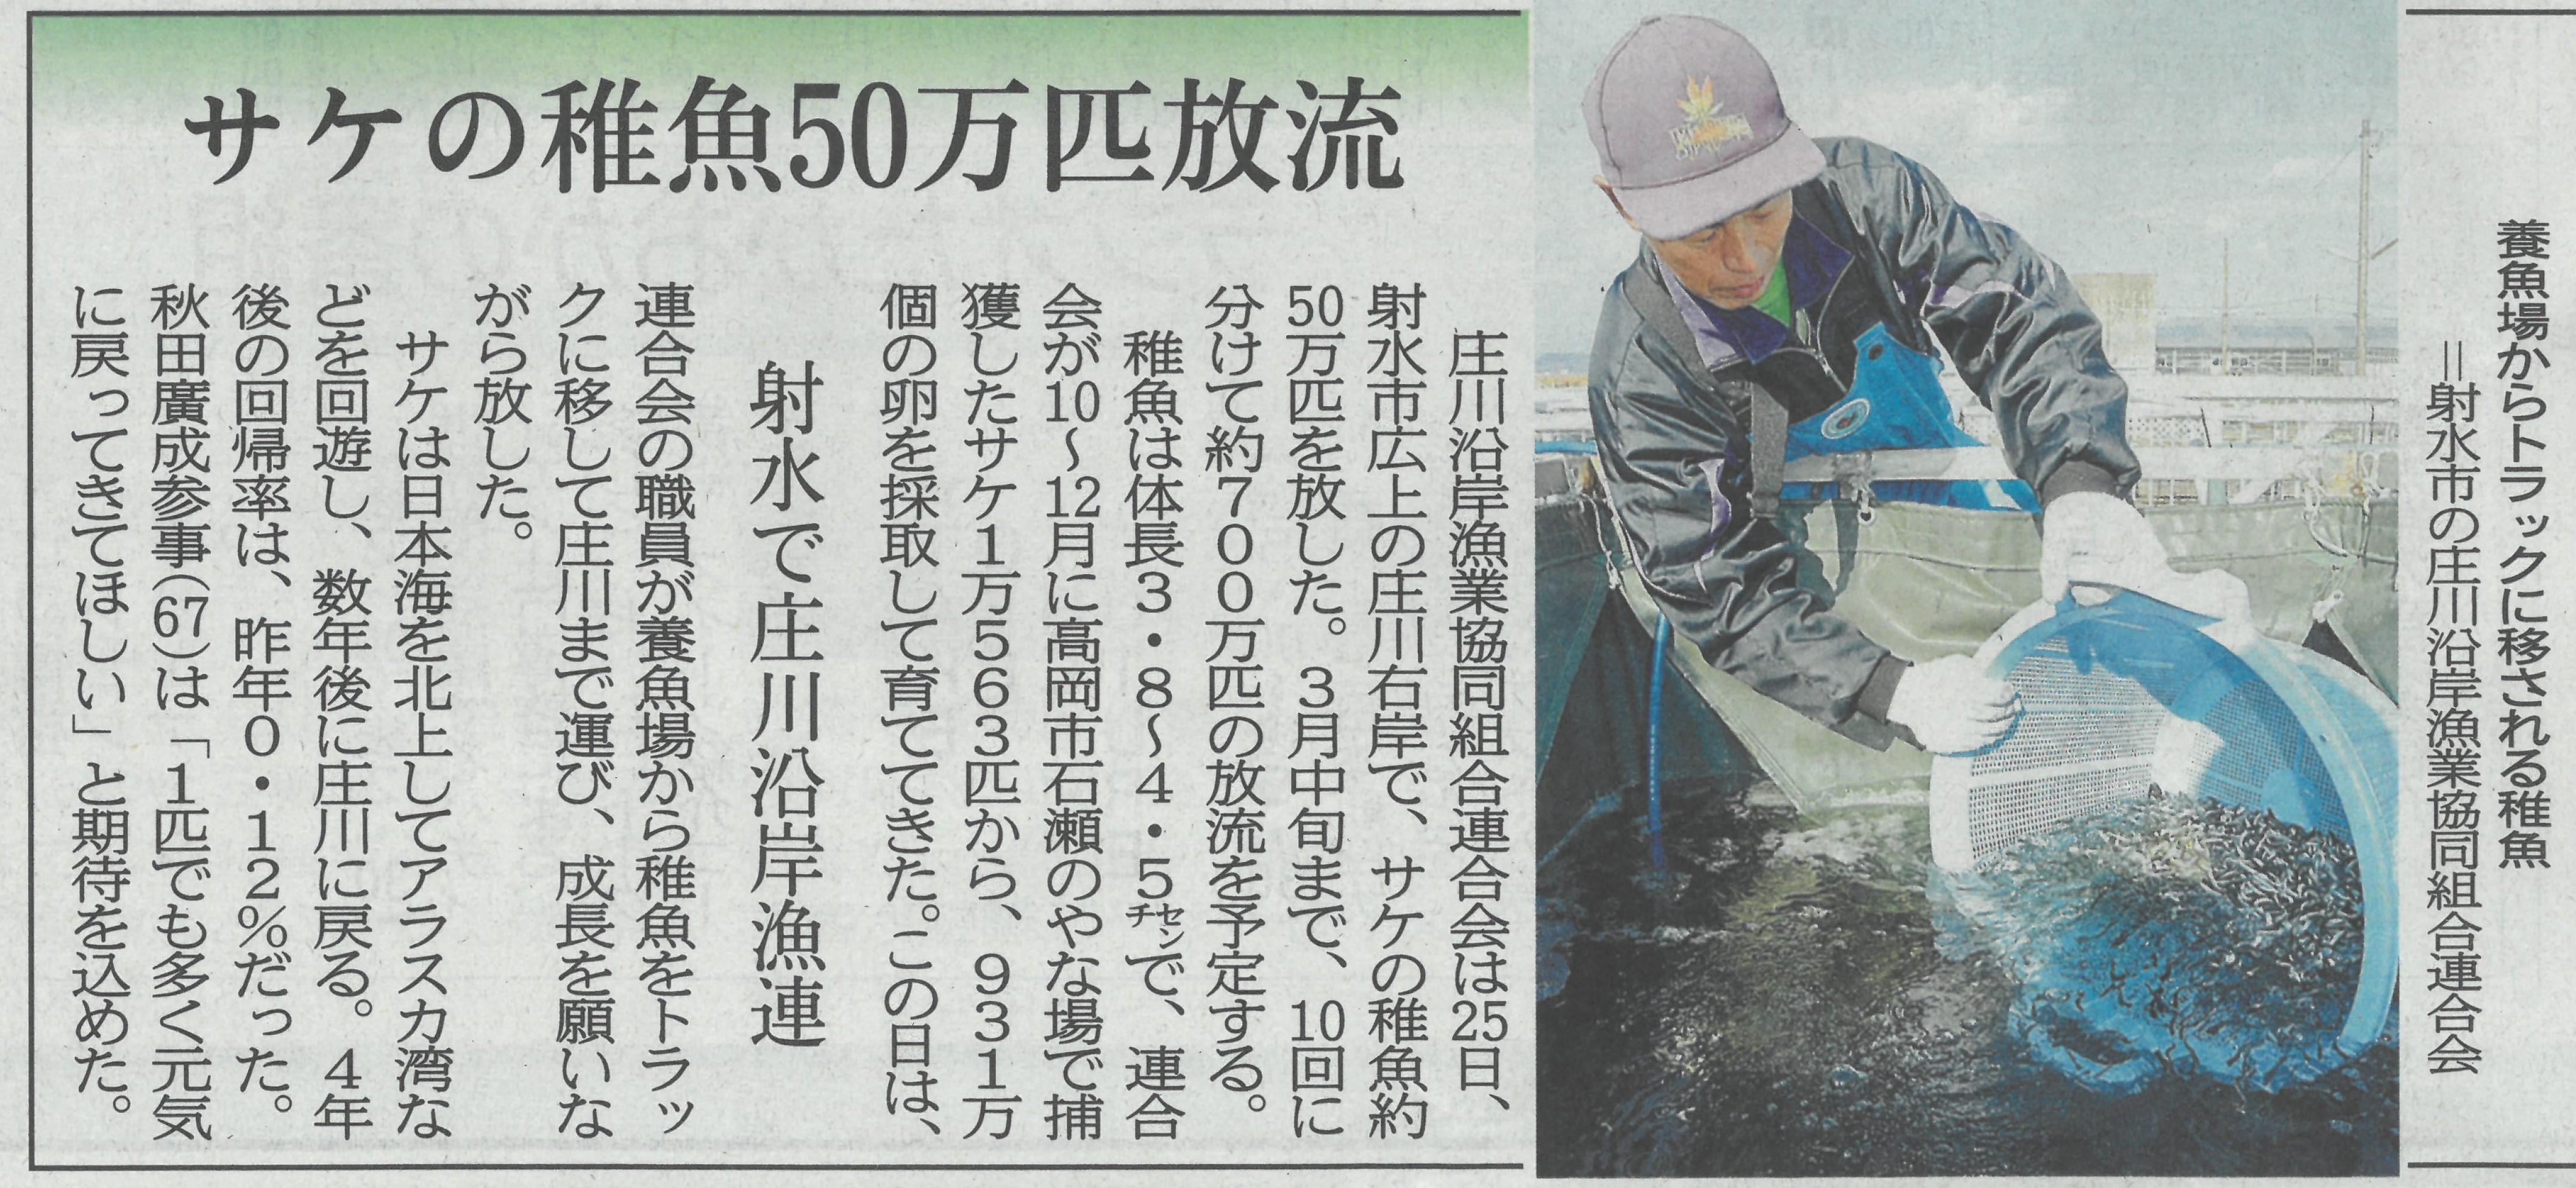 サケ稚魚放流(新聞記事)